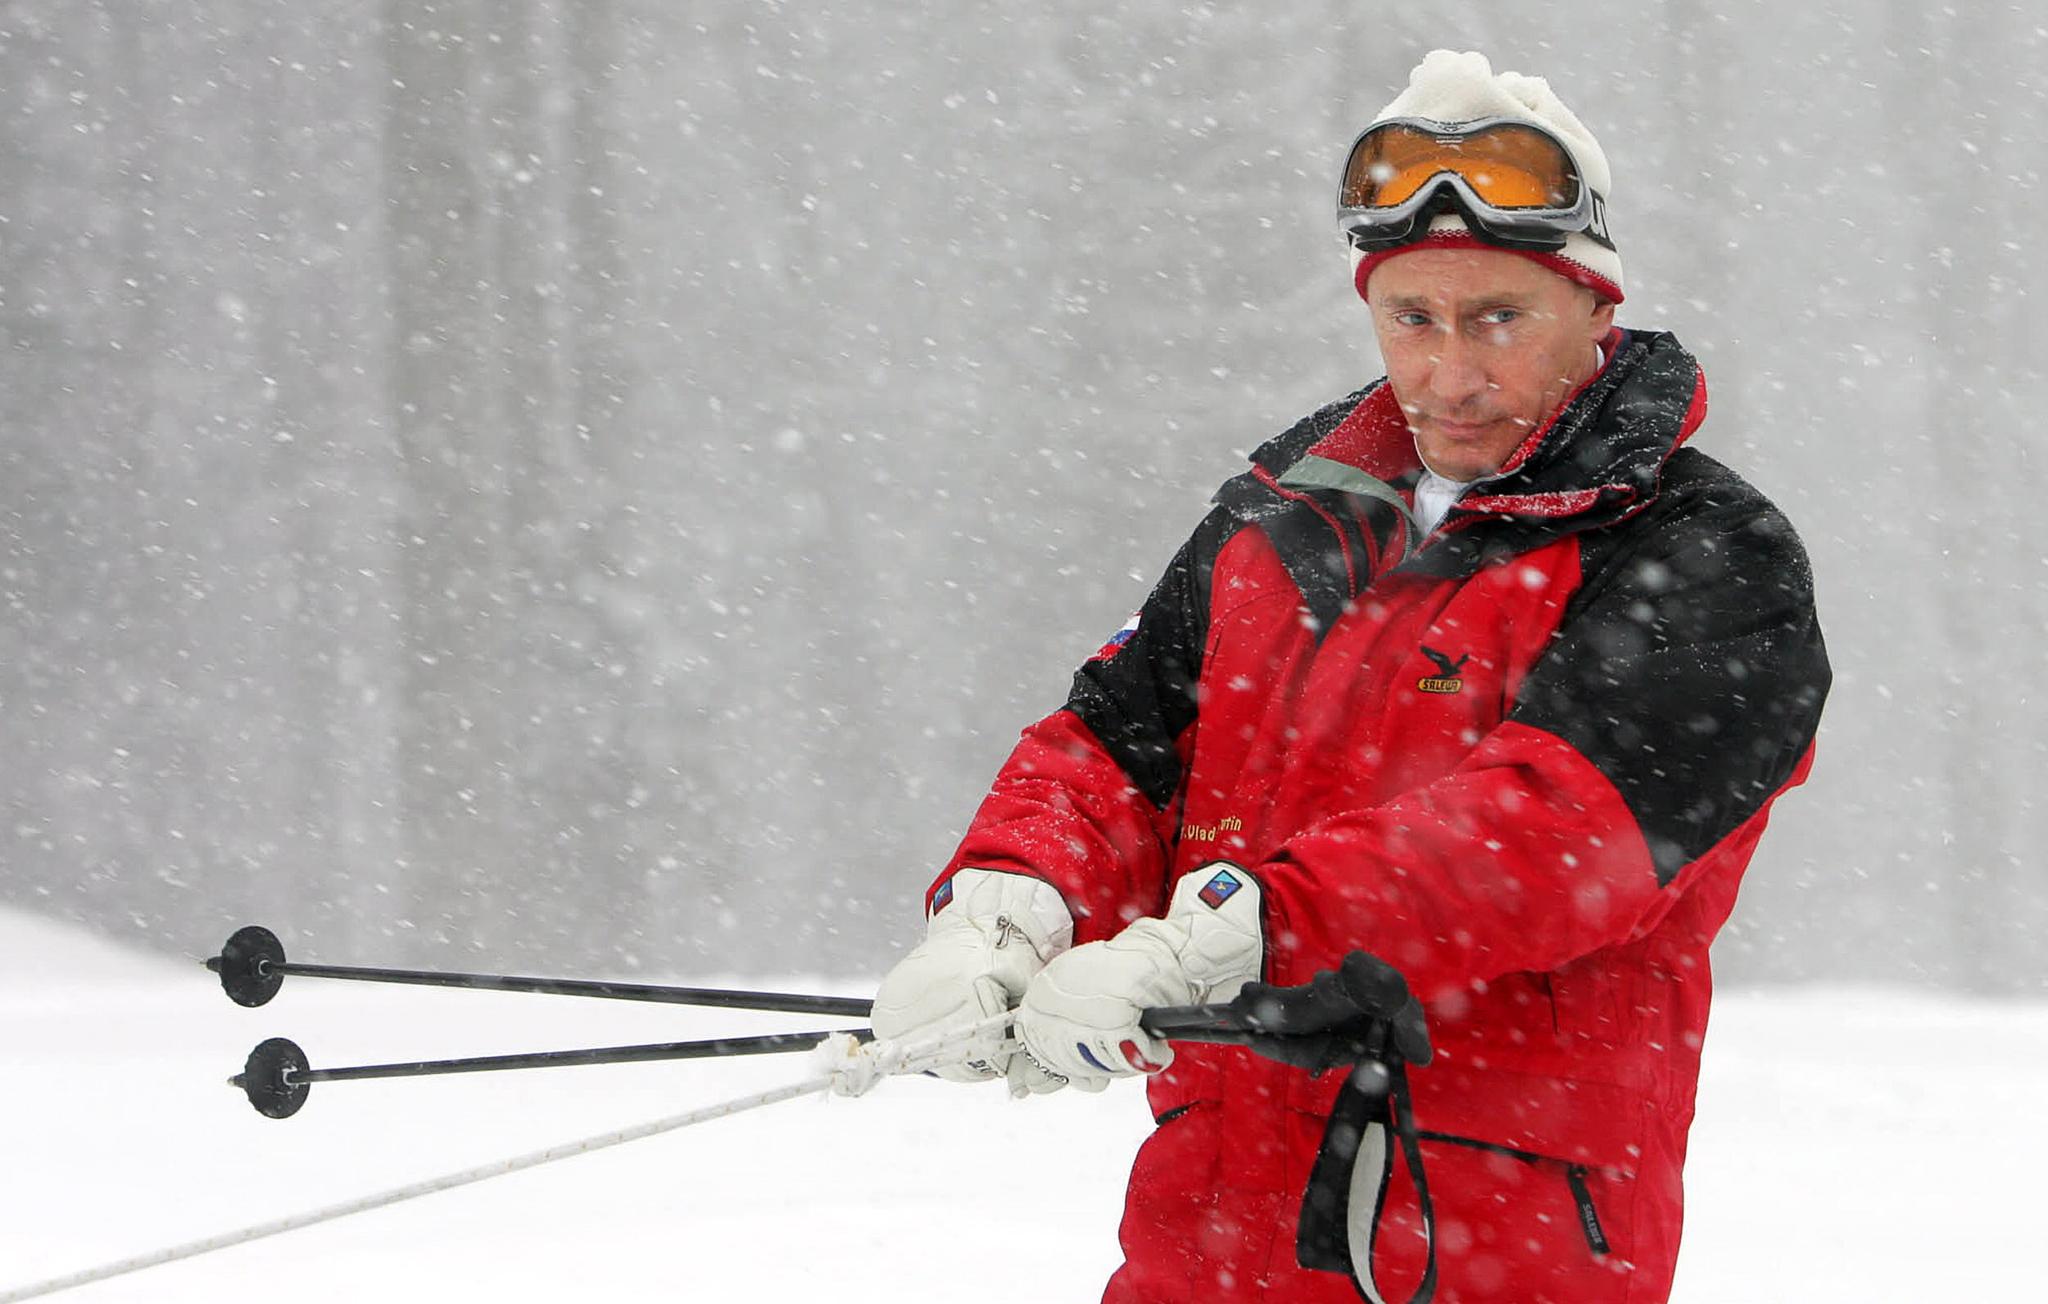 2007년 2월 20일, 소치 리조트에서 스노우모빌을 타는 푸틴. [AFP=연합뉴스]